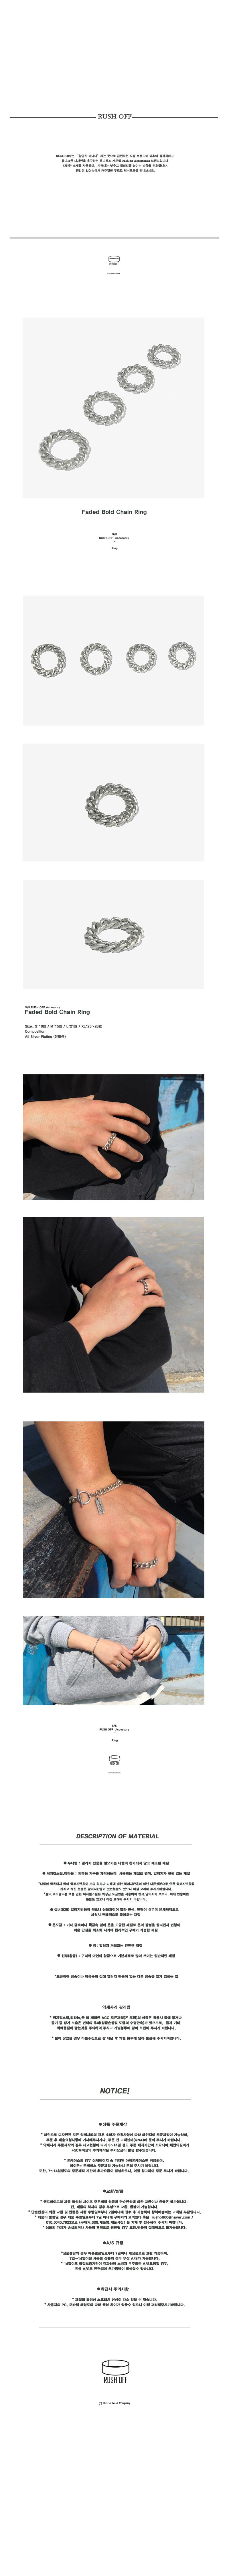 페이디드 볼드체인 반지 (은도금) - 러쉬오프, 9,900원, 패션, 패션반지